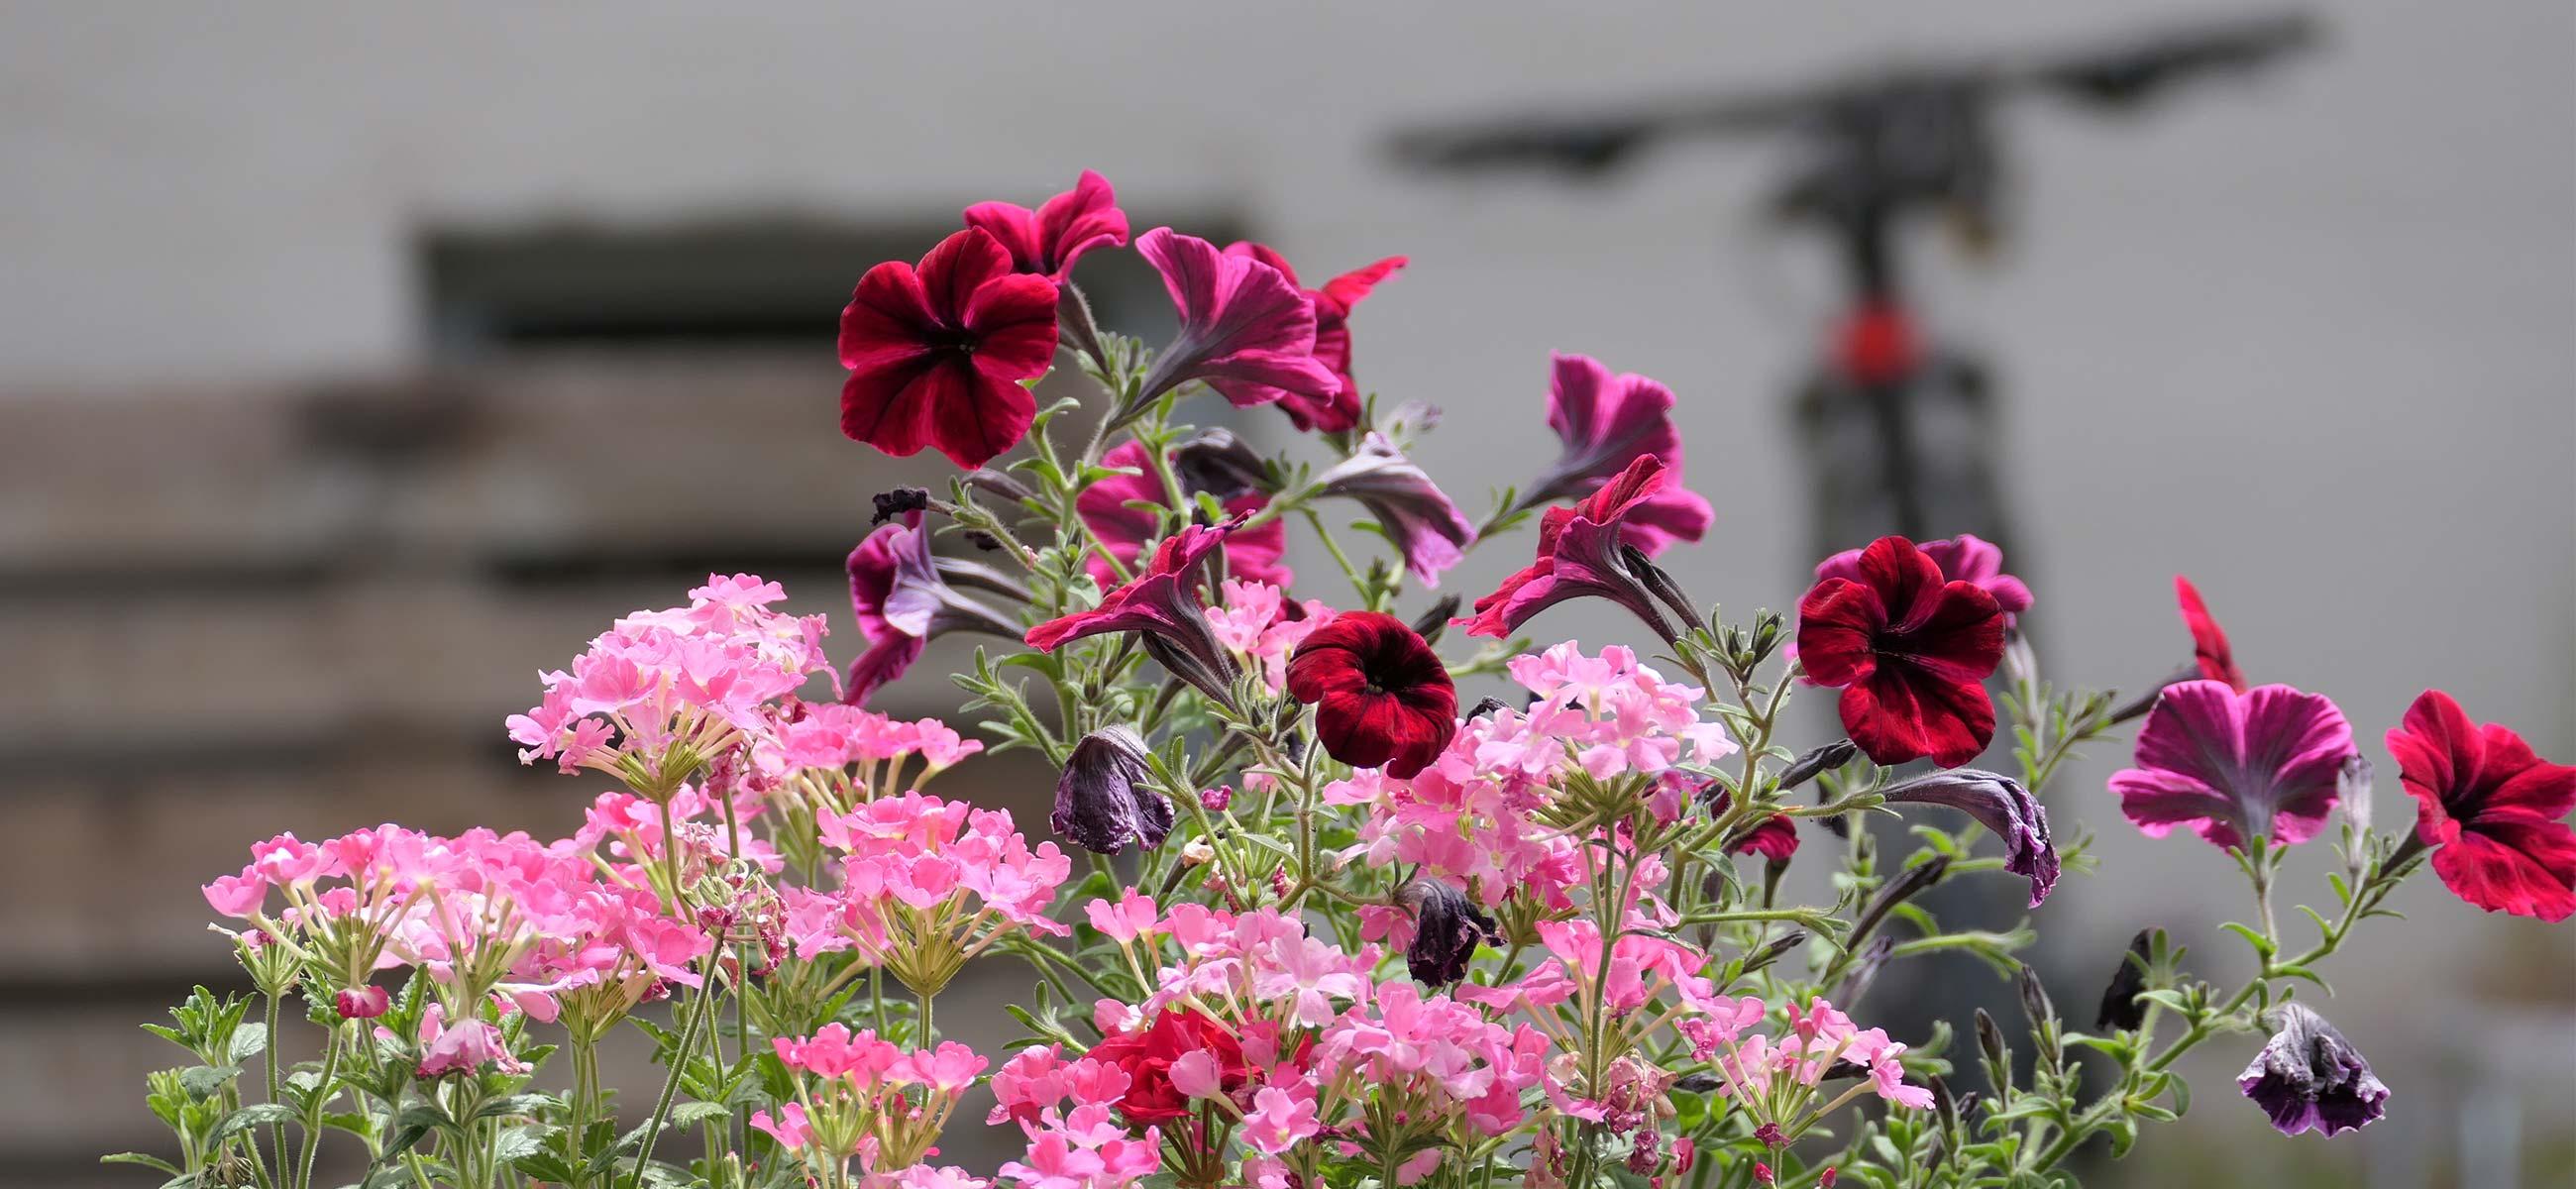 Blumen_zoepritzstrasse